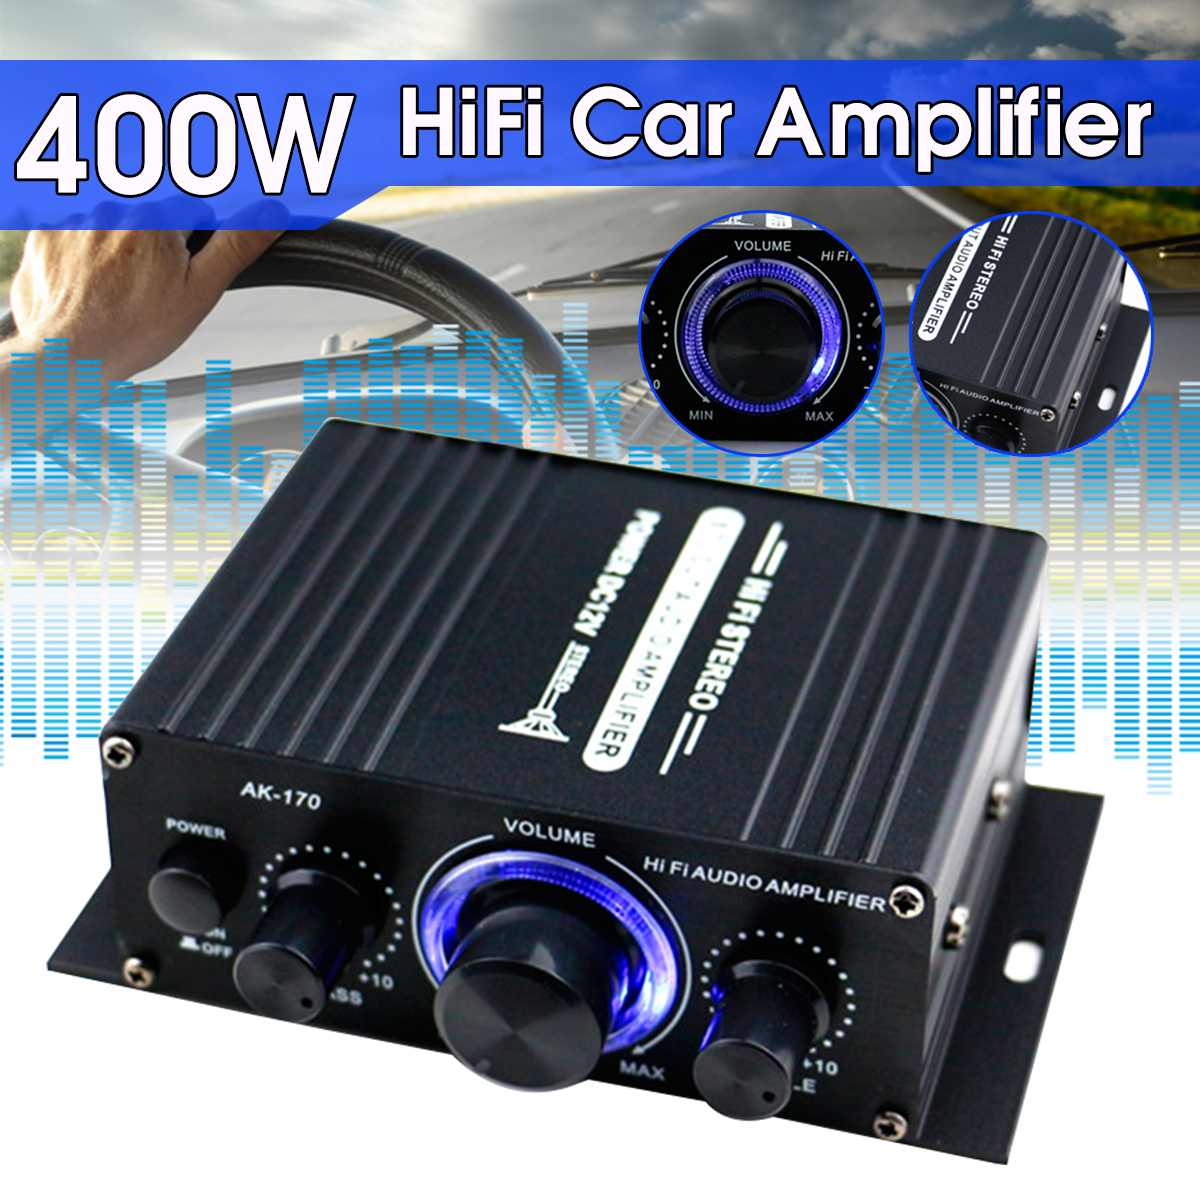 200W+200W 12V 2CH Car Audio Amplificador HIFI Audio Power Amplifier Bluetooth Stereo Amplifiers FM Radio USB W/ Remote Control